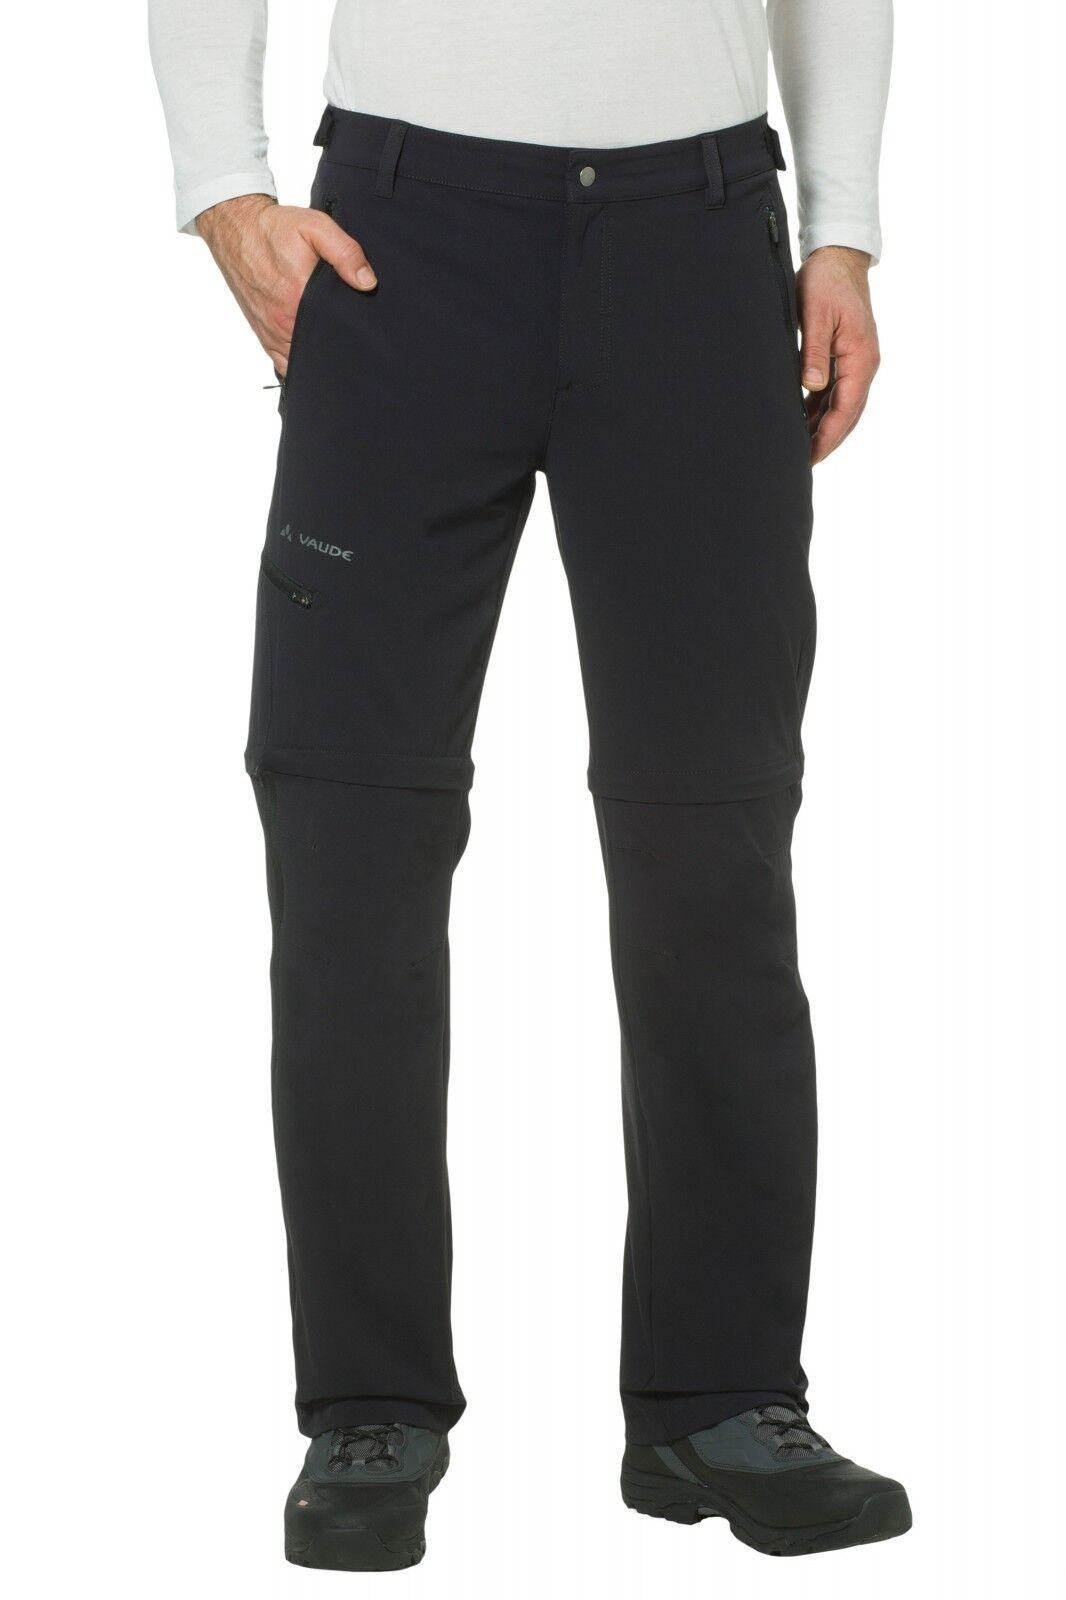 Vaude Herren Wander Trekking Pants Outdoor Hose Farley Stretch T-Zip Pants Trekking II schwarz 698834